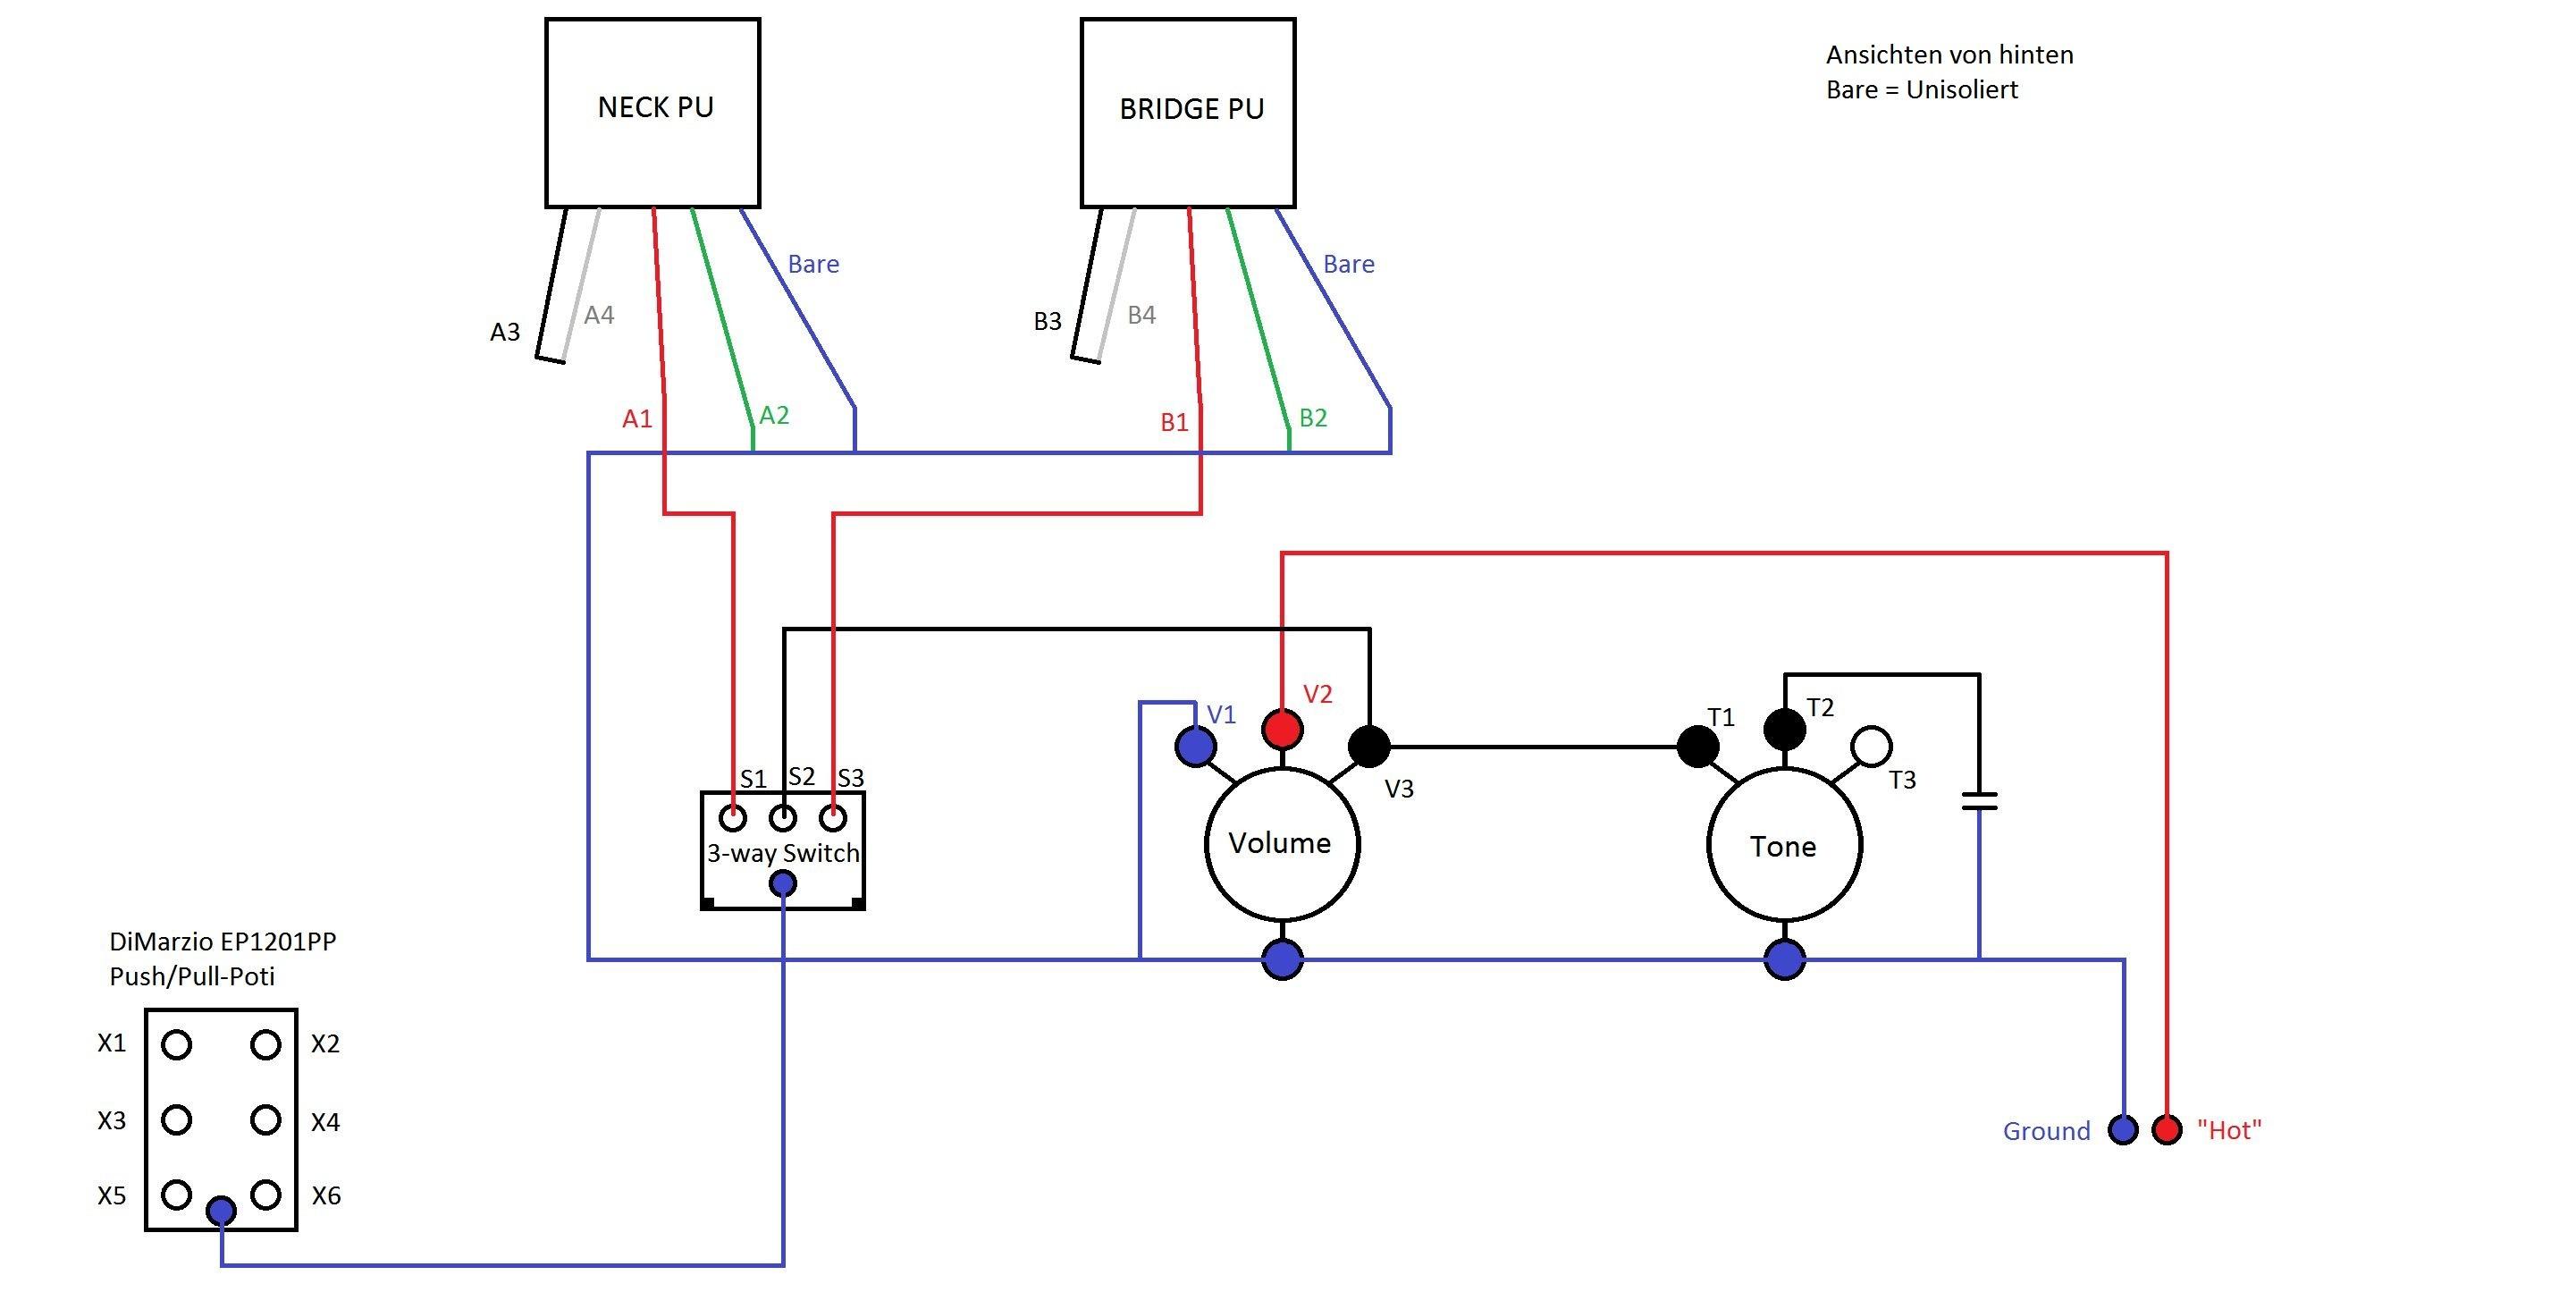 Ausgezeichnet 2 Draht Humbucker Schaltplan Bilder - Schaltplan Serie ...